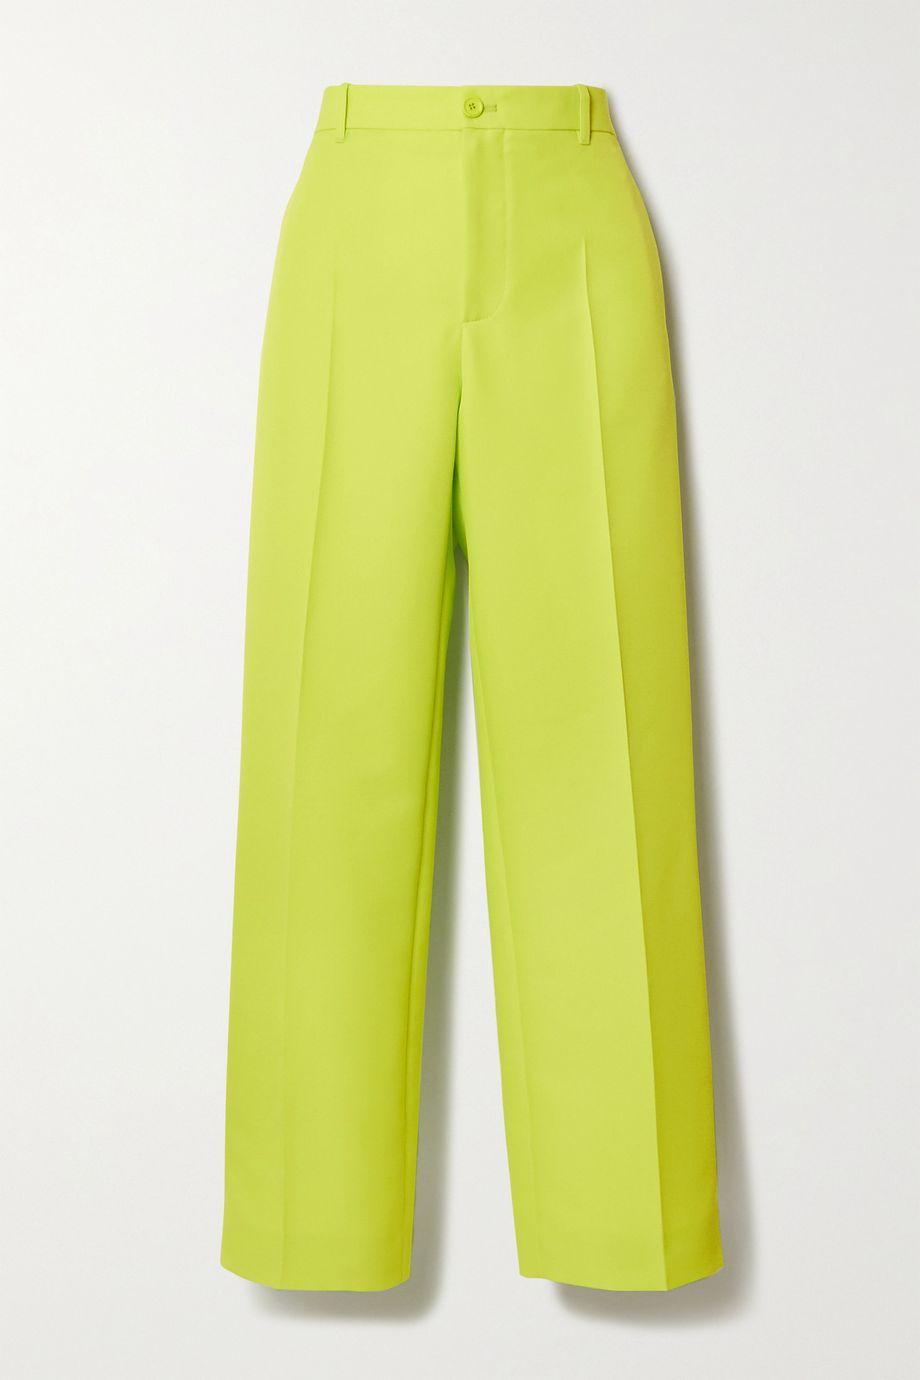 Balenciaga Neonfarbene Hose aus Twill mit geradem Bein